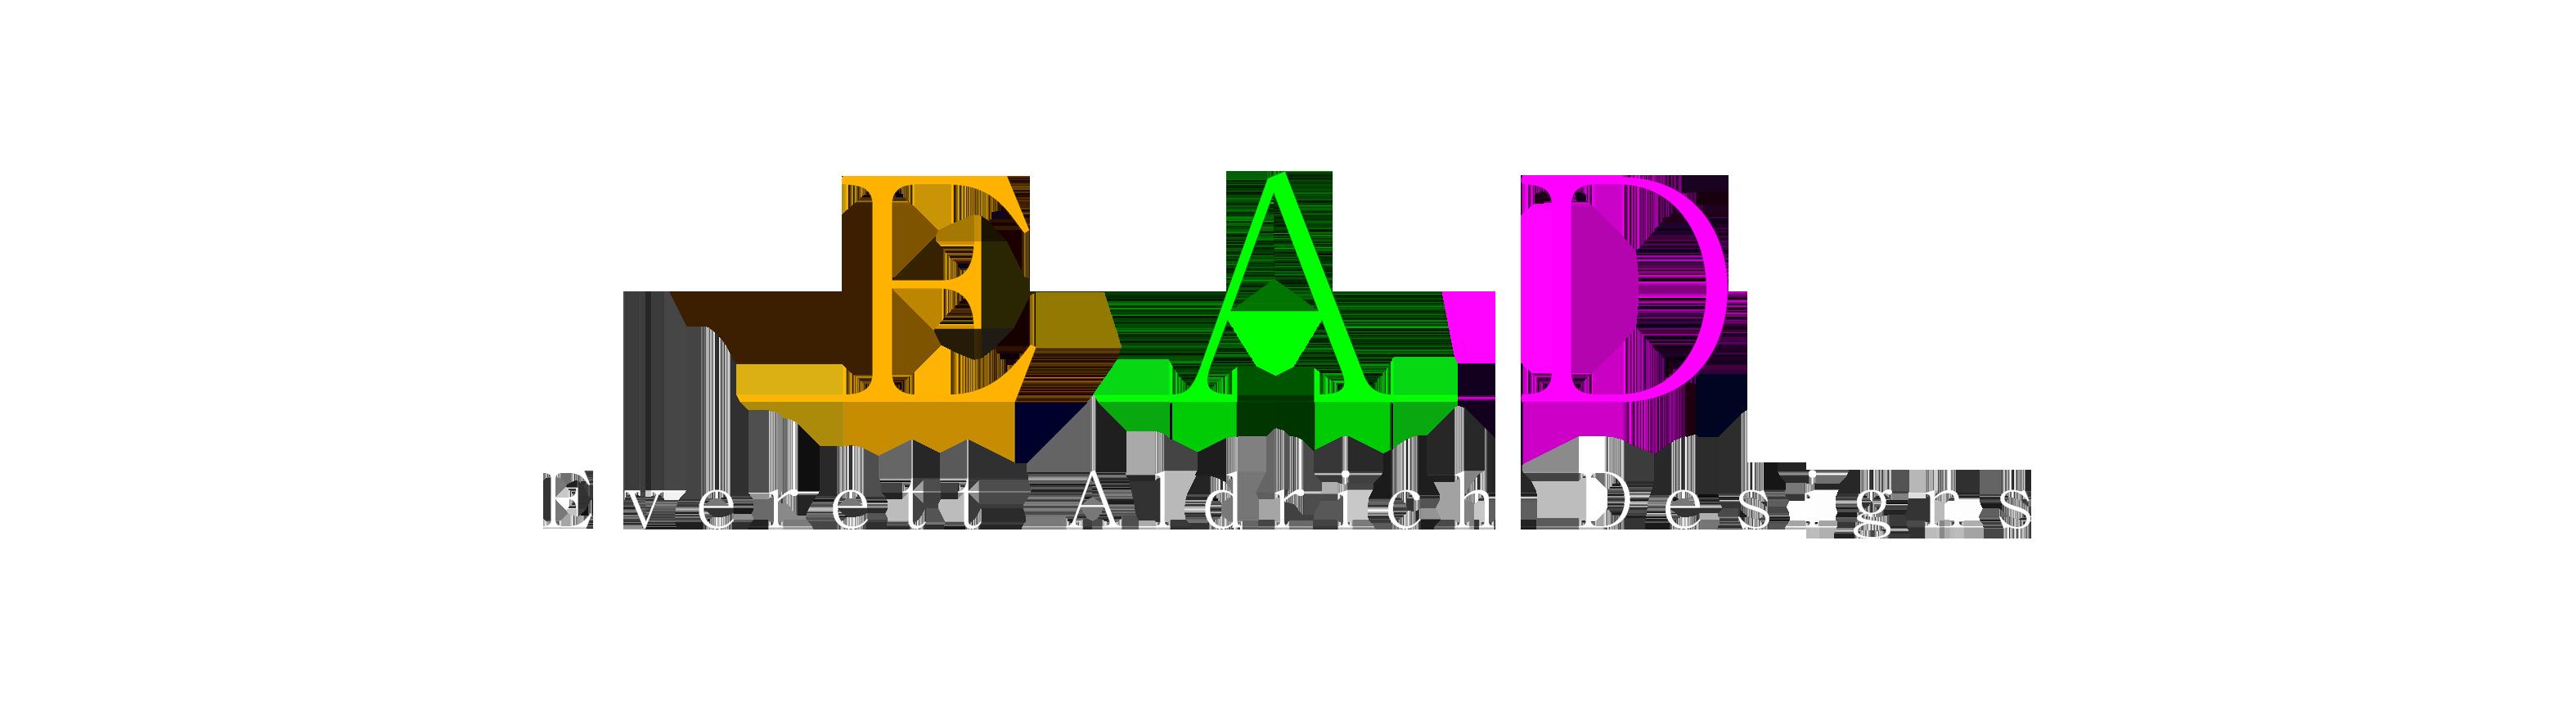 Everett Aldrich